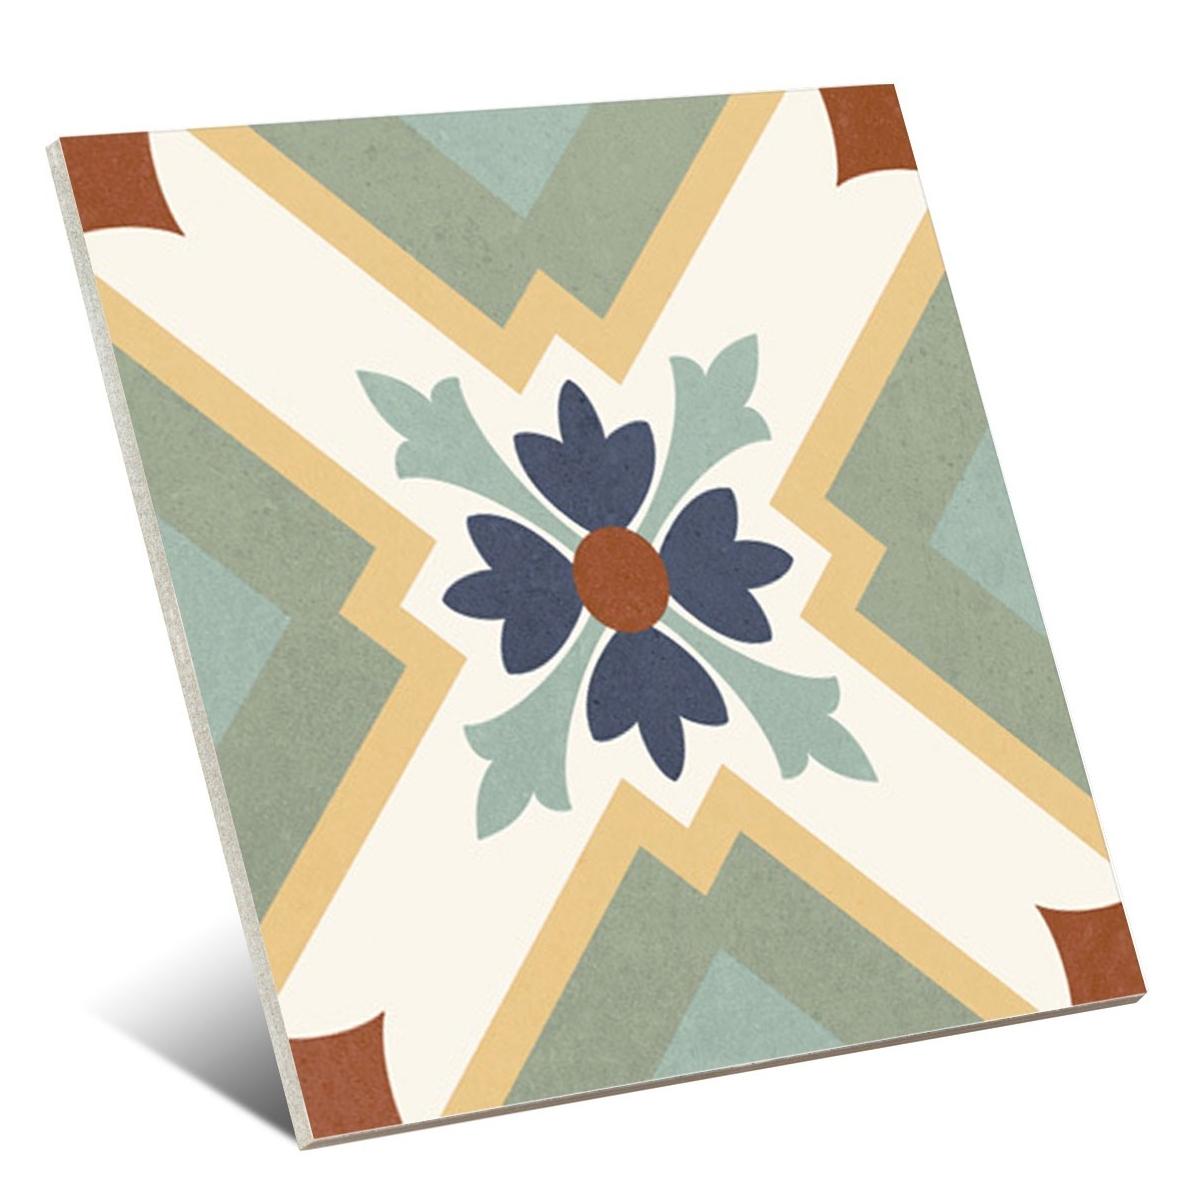 Taco Heritage Mix 16,5x16,5 (Caja 0,55 m2) Colección Heritage de Gaya Fores